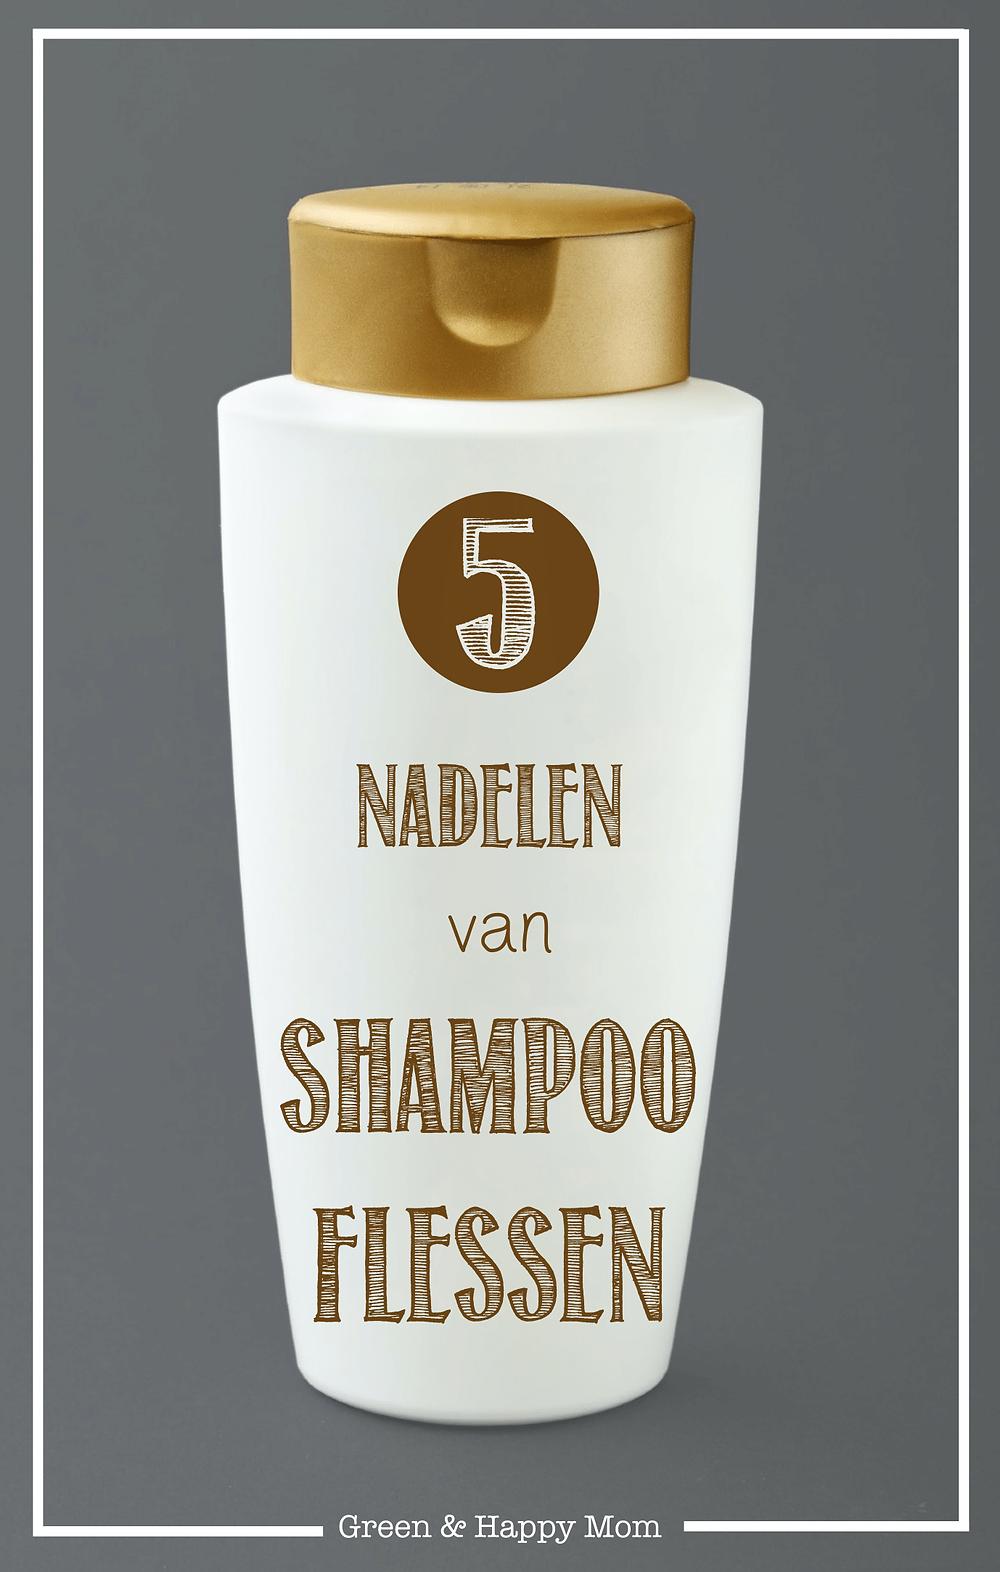 Nadelen van shampoo flessen